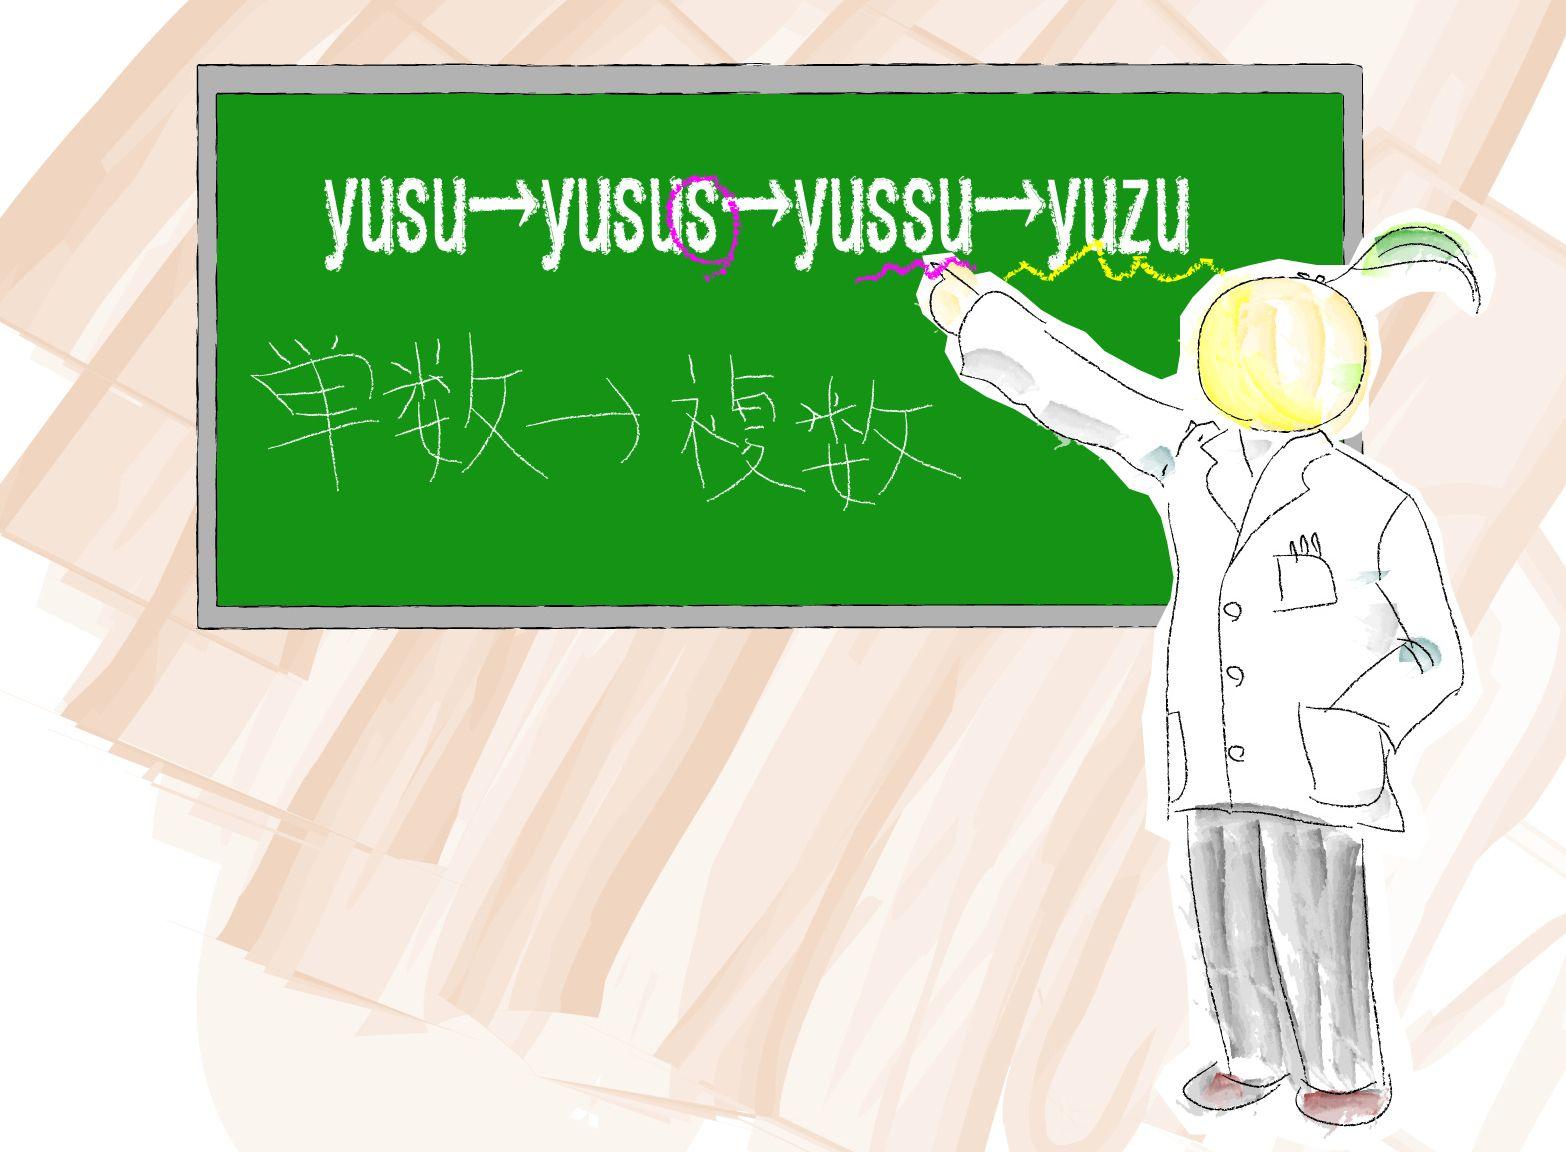 yusu.jpg